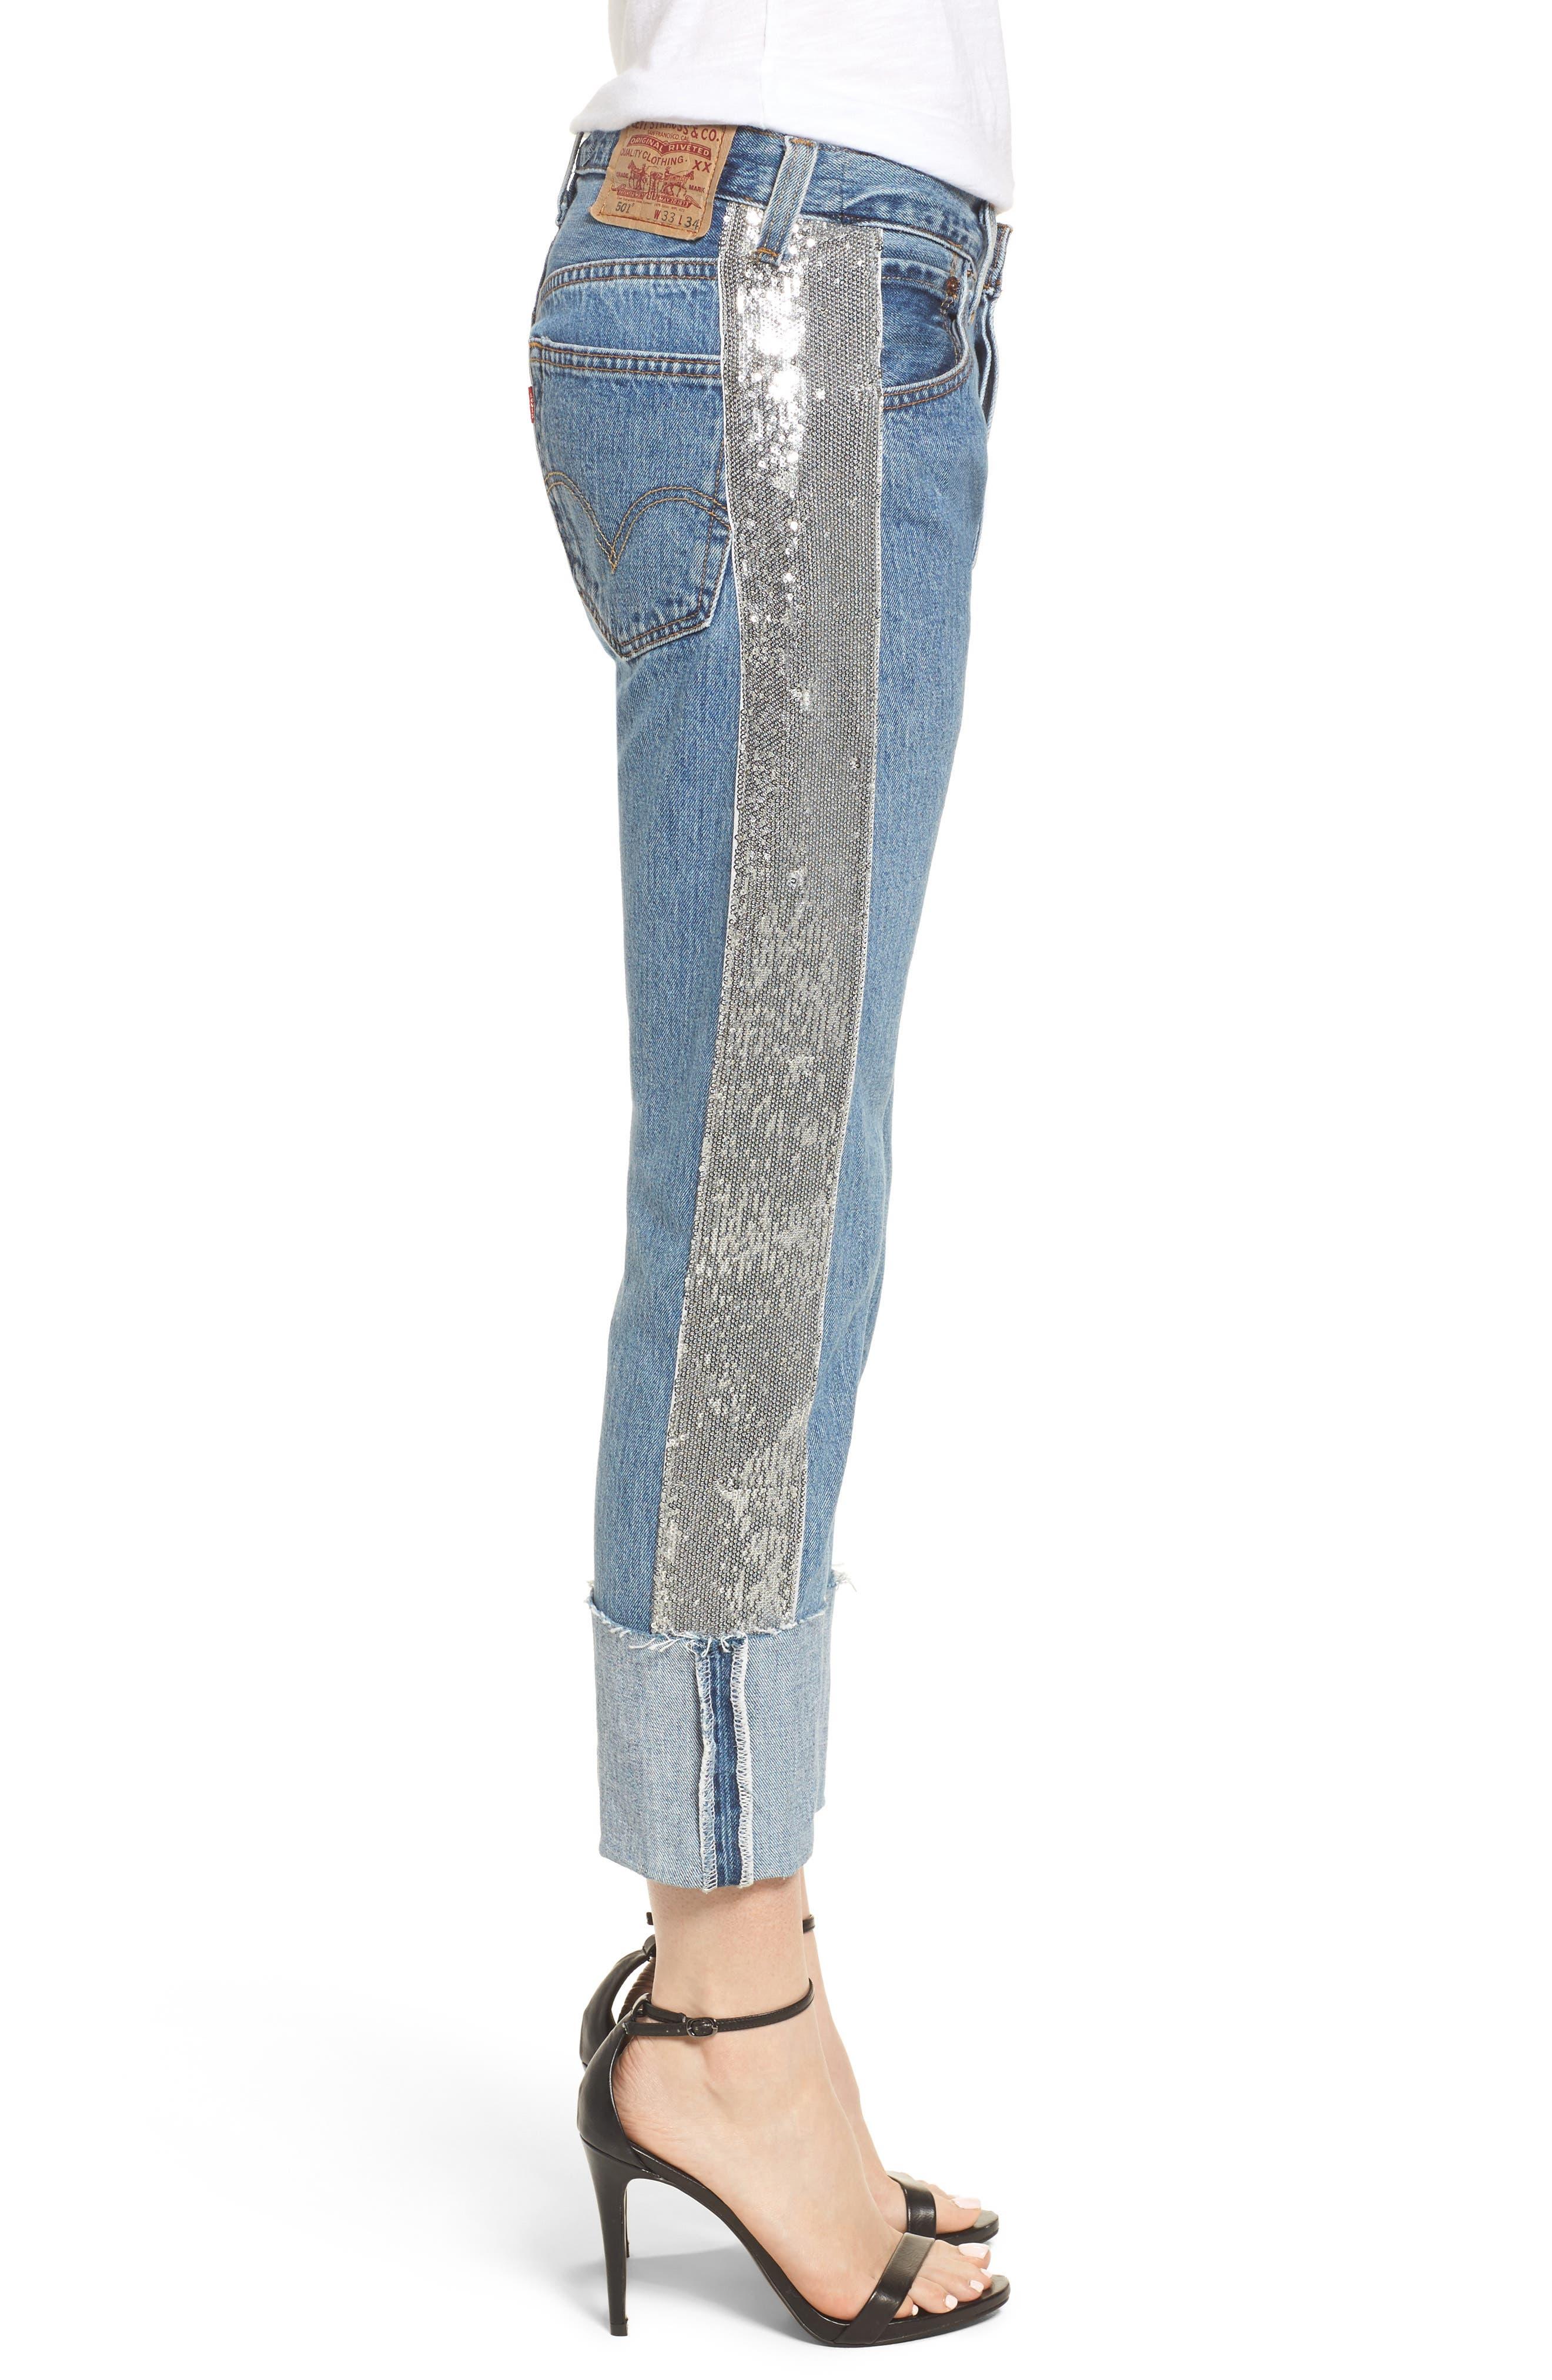 Sequin Boyfriend Jeans,                             Alternate thumbnail 3, color,                             Medium Wash/ Silver